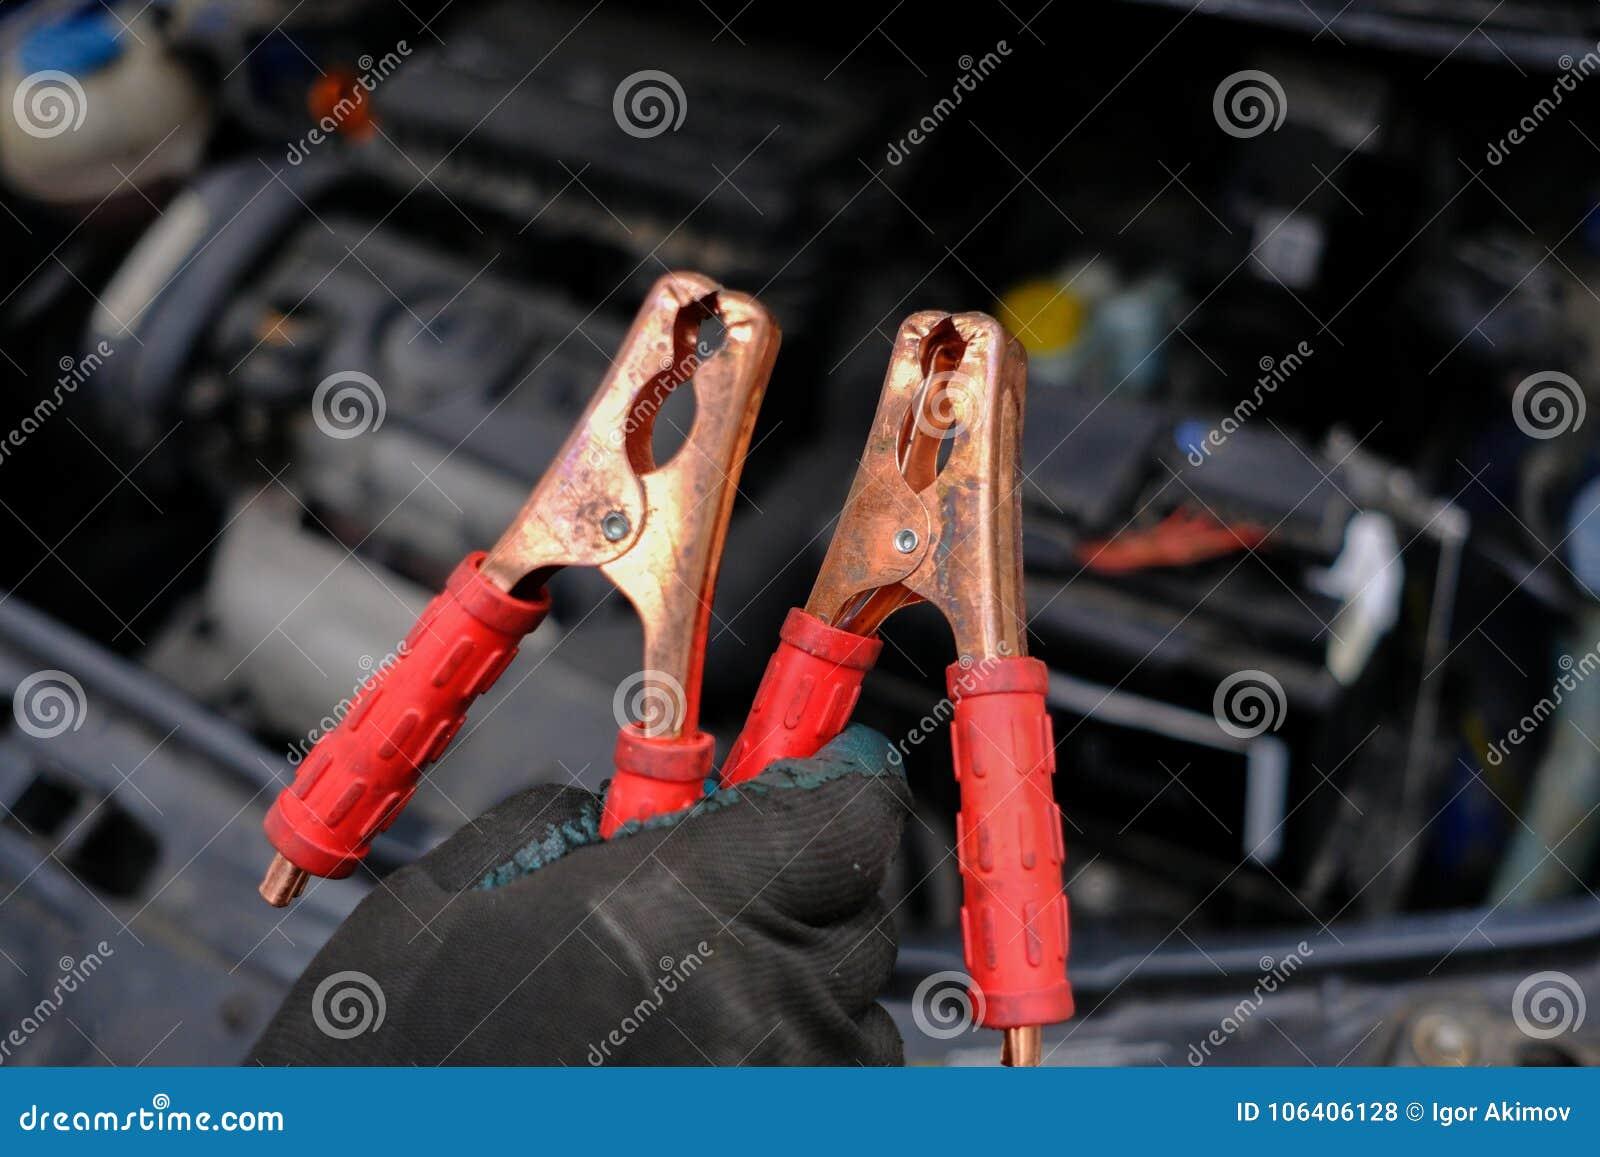 Versuchen Sie, die Maschine des Autos mit dem gesäten Batterie usi anzulassen